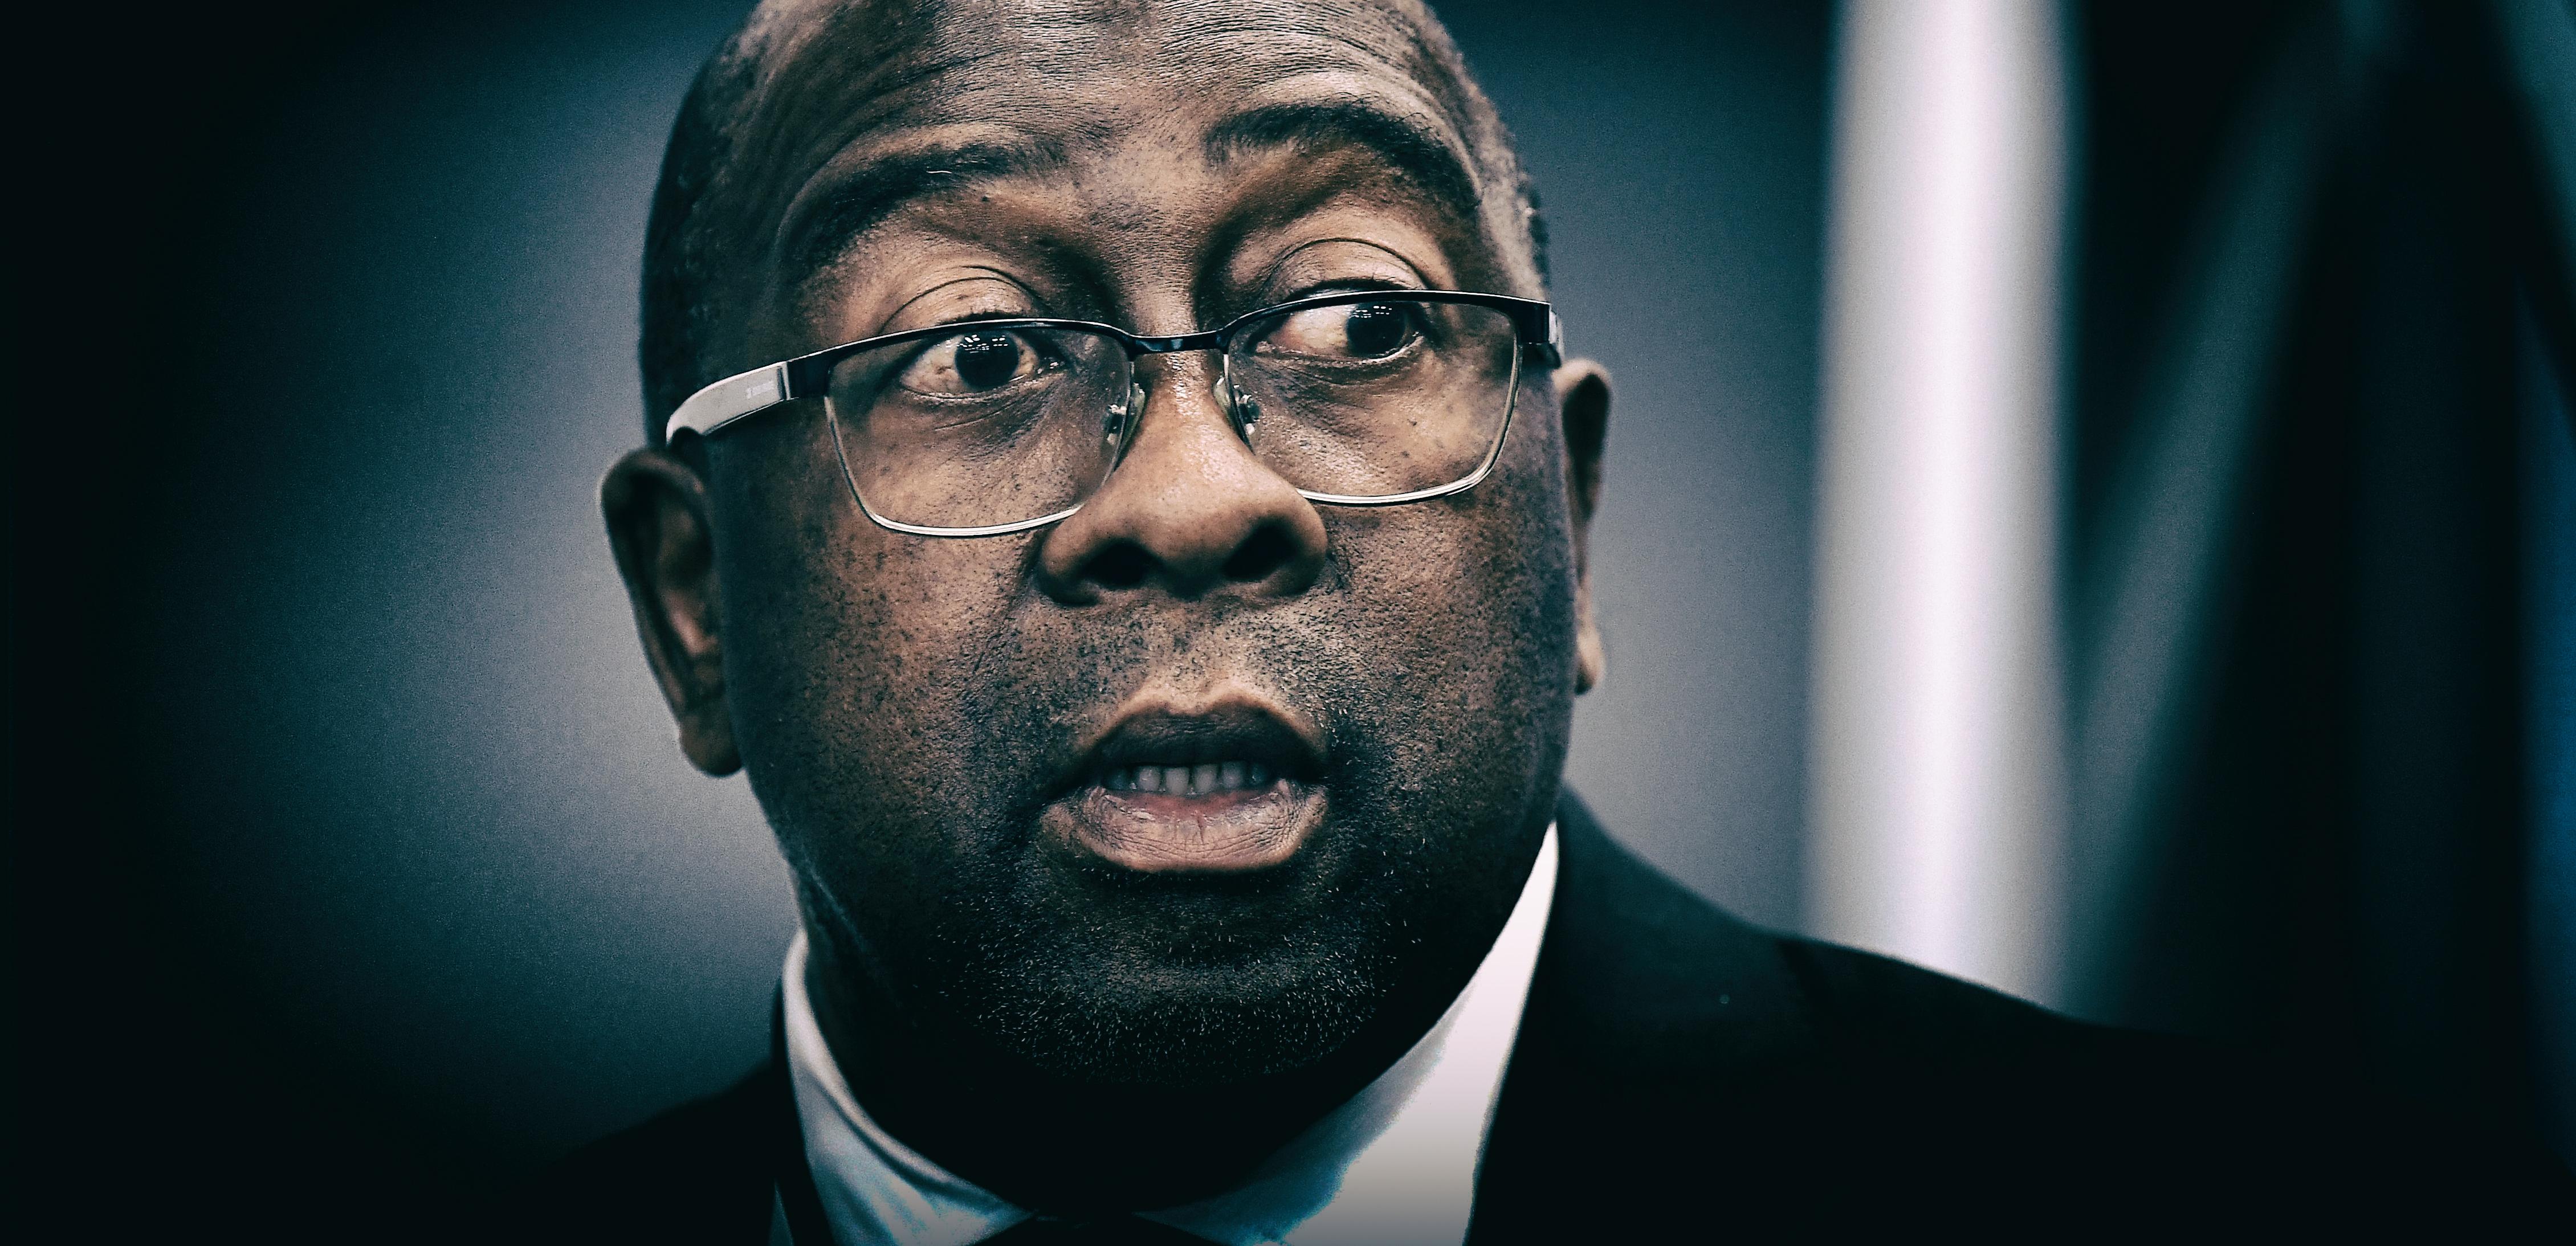 Nhlanhla Nene urges EFF to produce 'incriminating' PIC dope